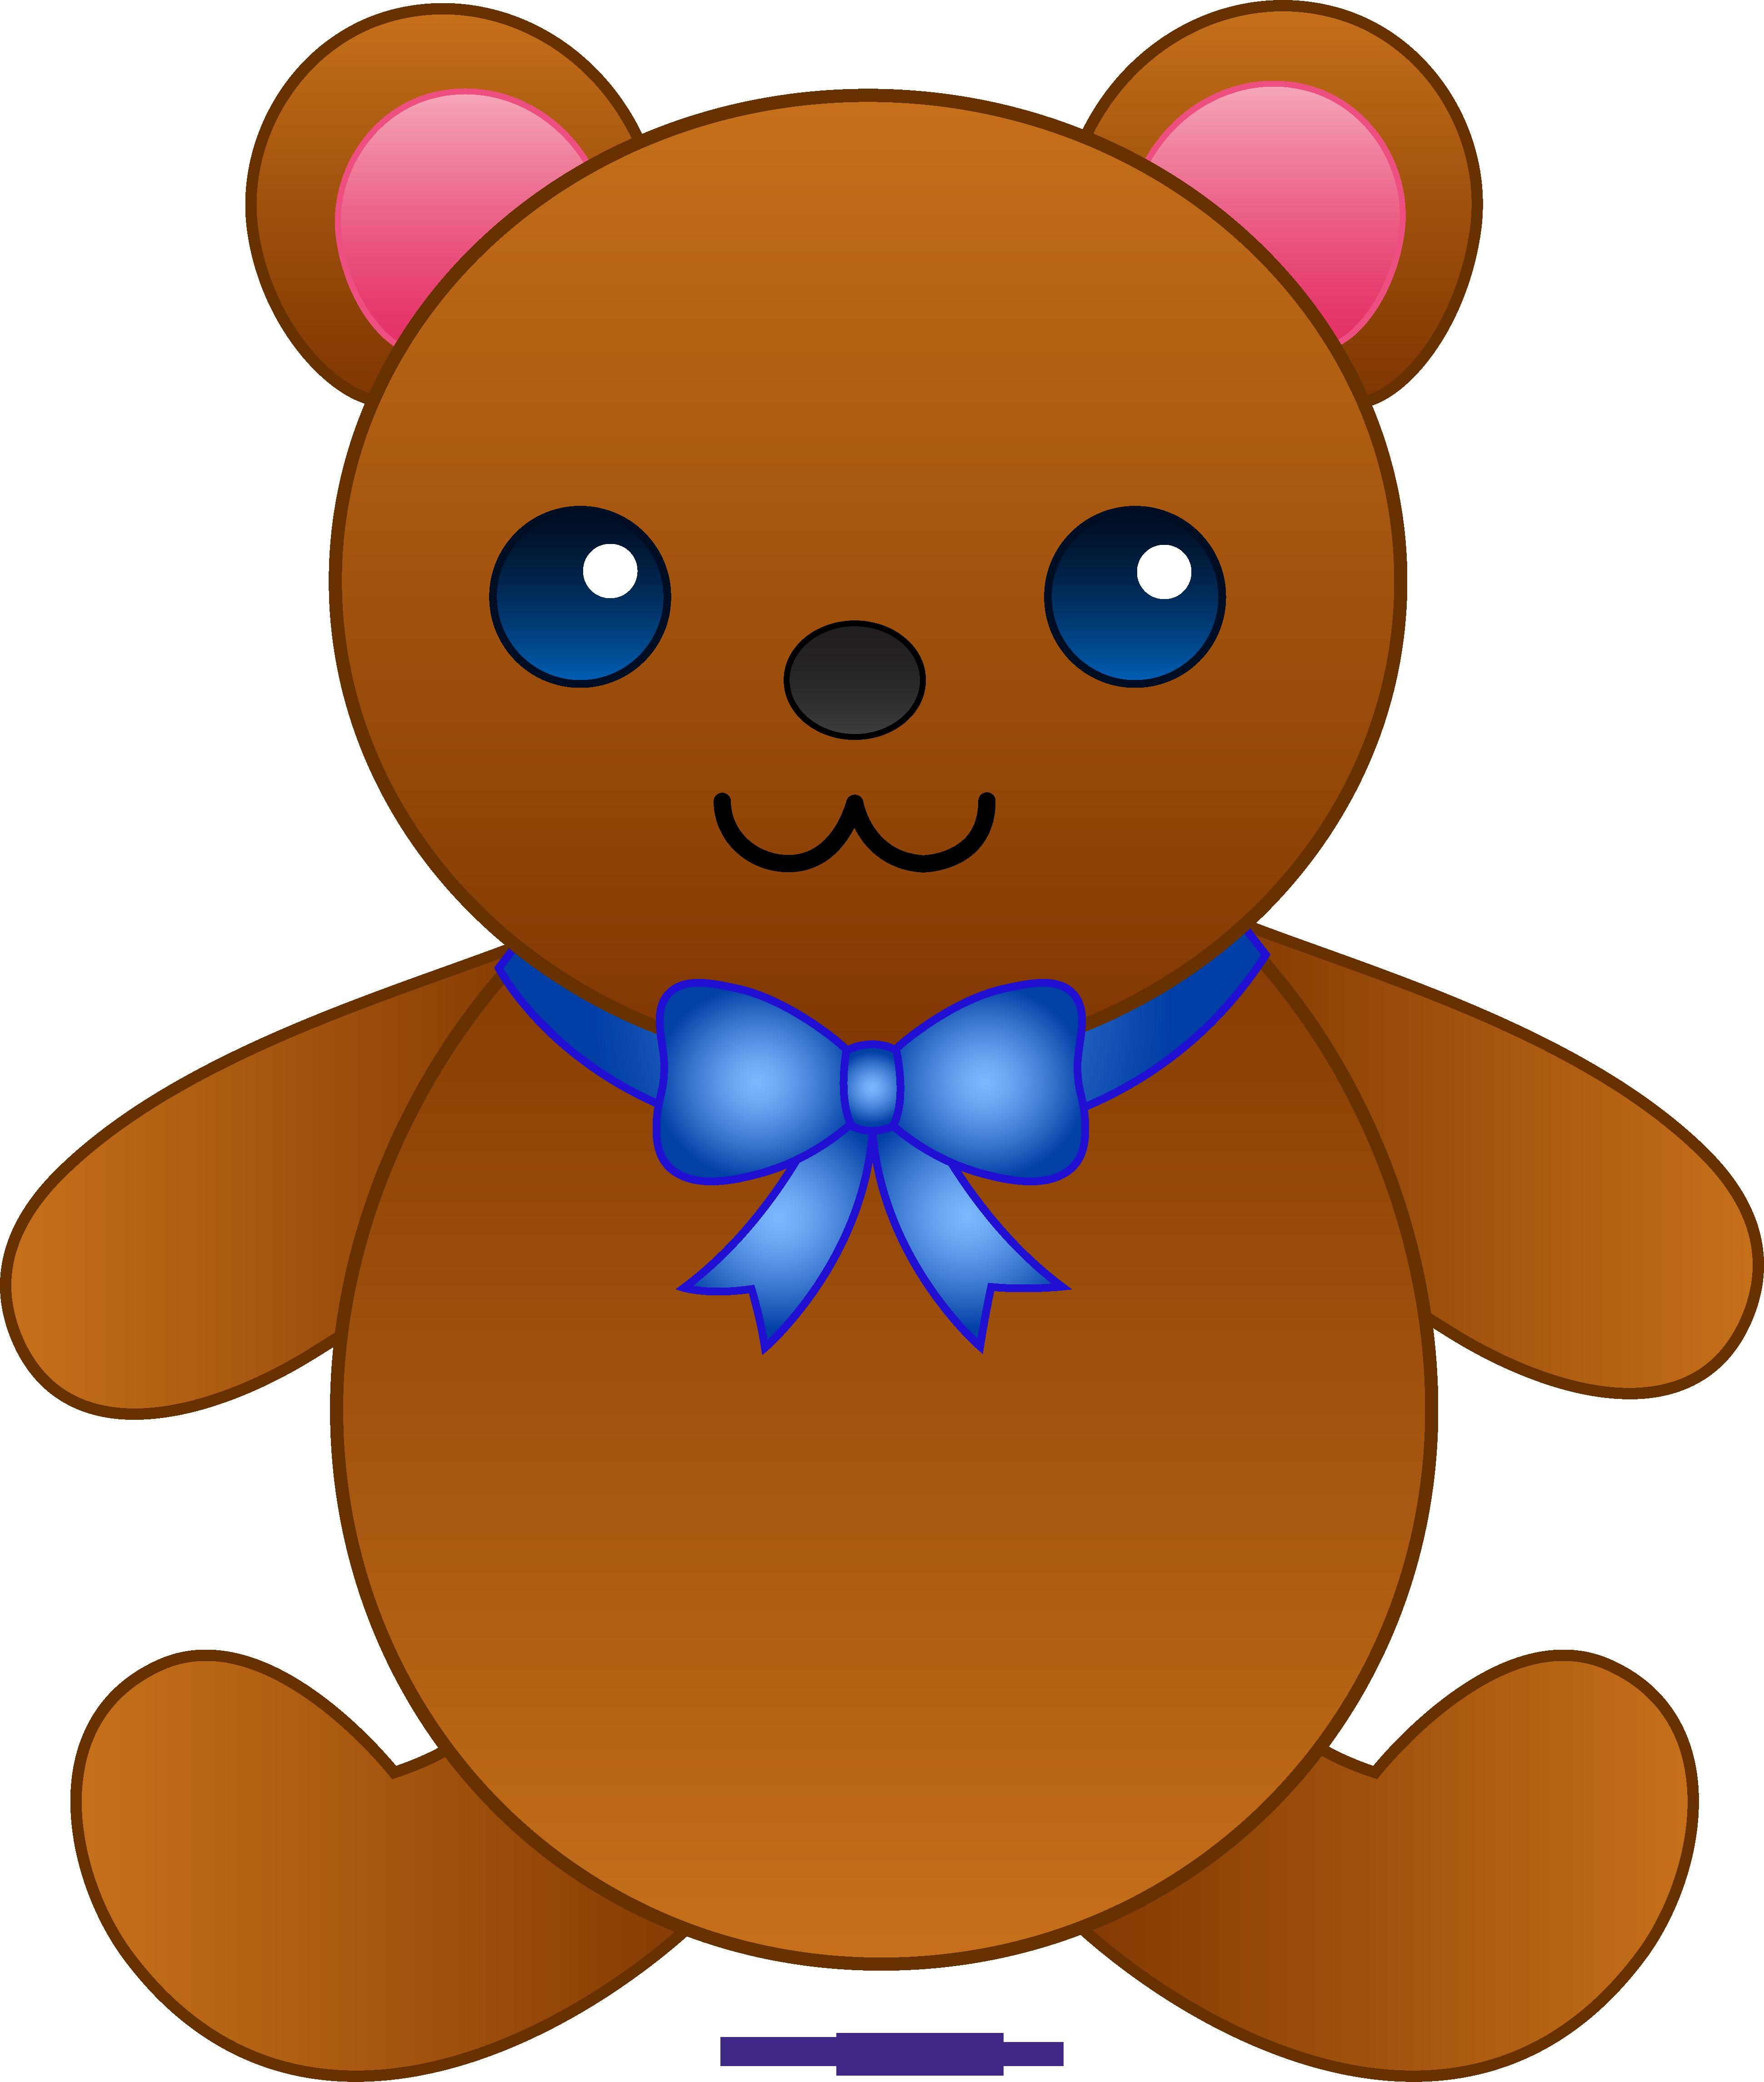 Cute teddy bear with. Mailbox clipart stuffed